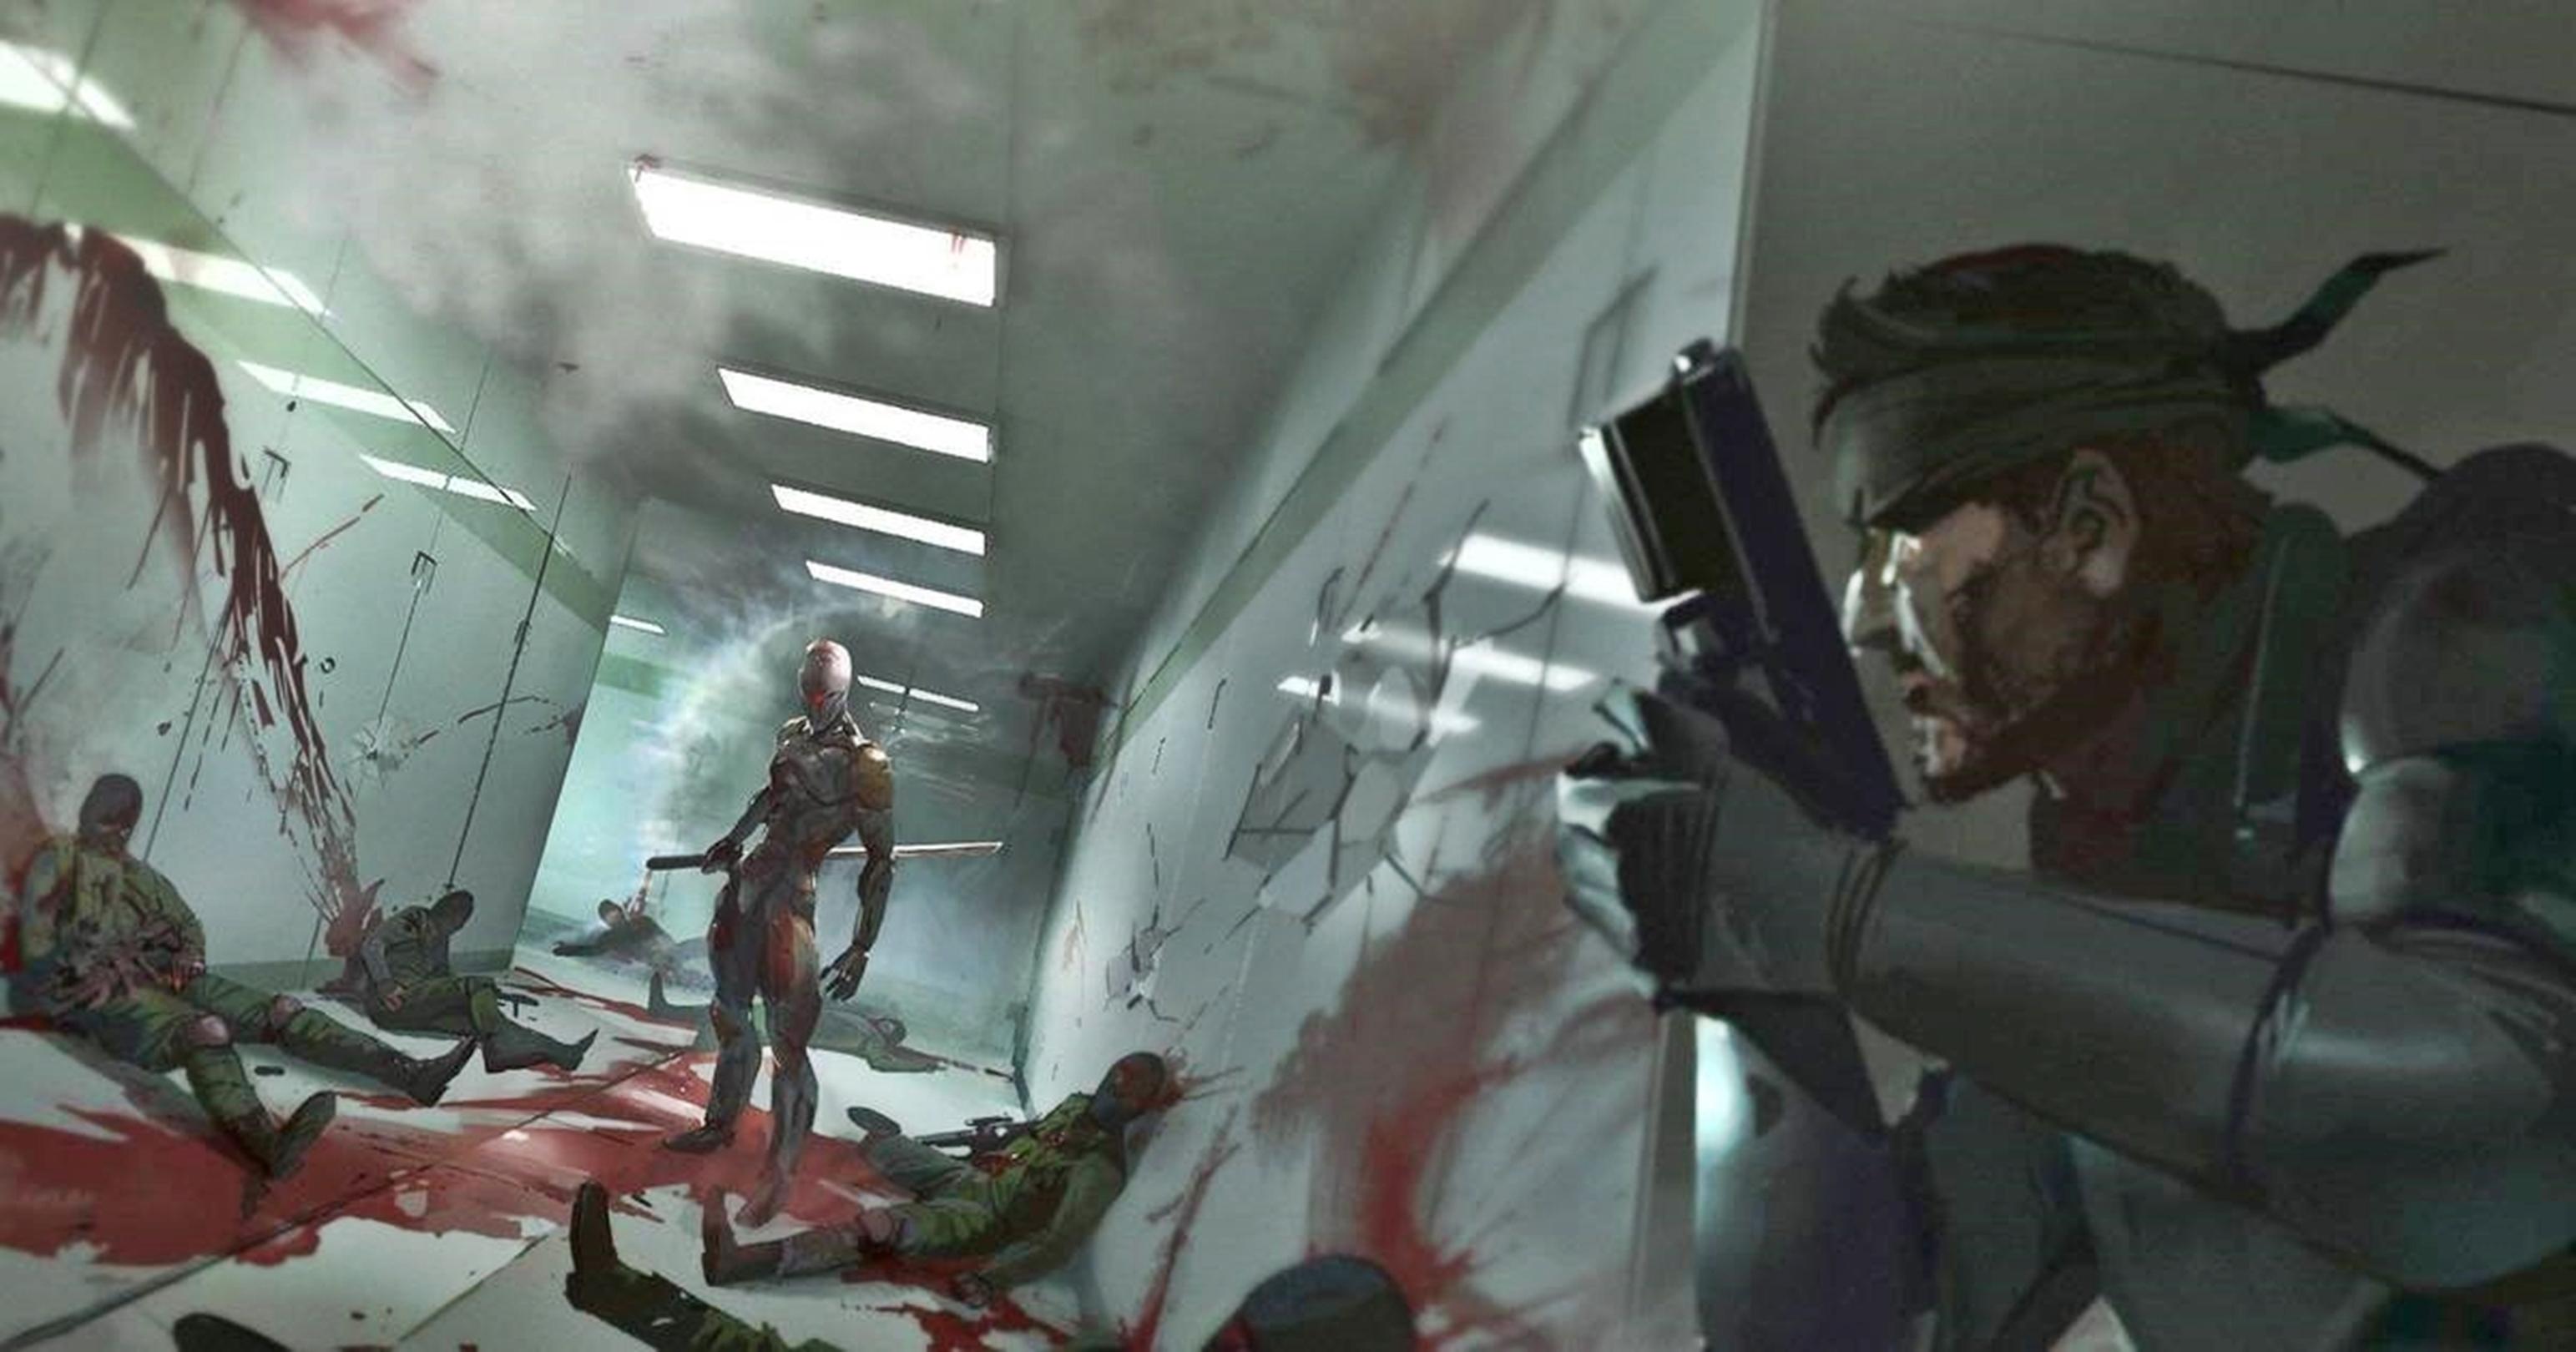 Metal Gear Solid promete un 'nuevo tipo de acción' en su adaptación cinematográfica